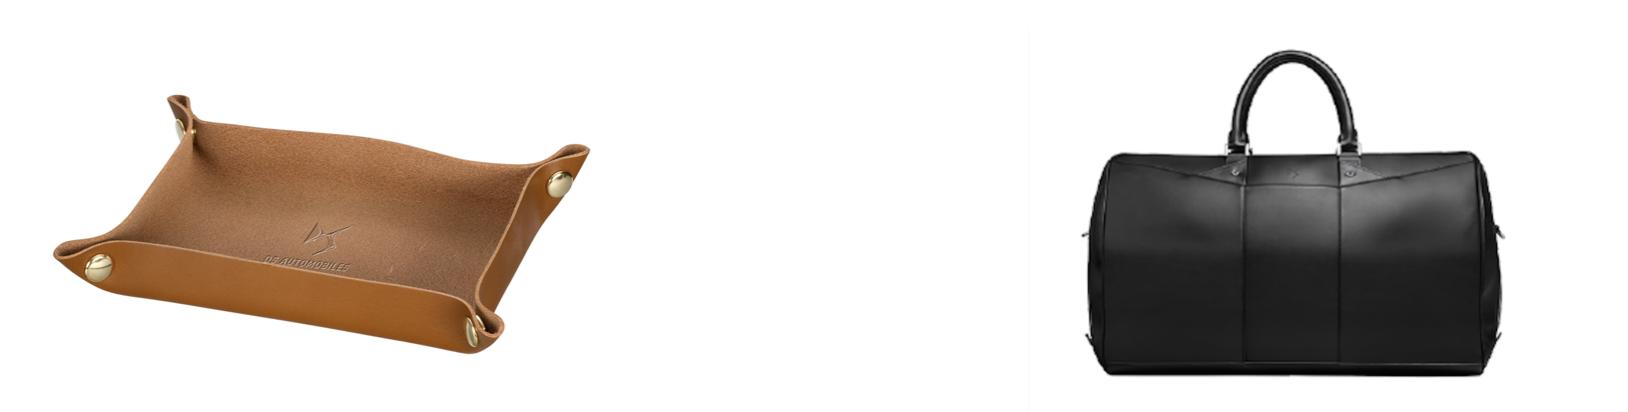 スクリーンショット 2021-06-04 9.13.57